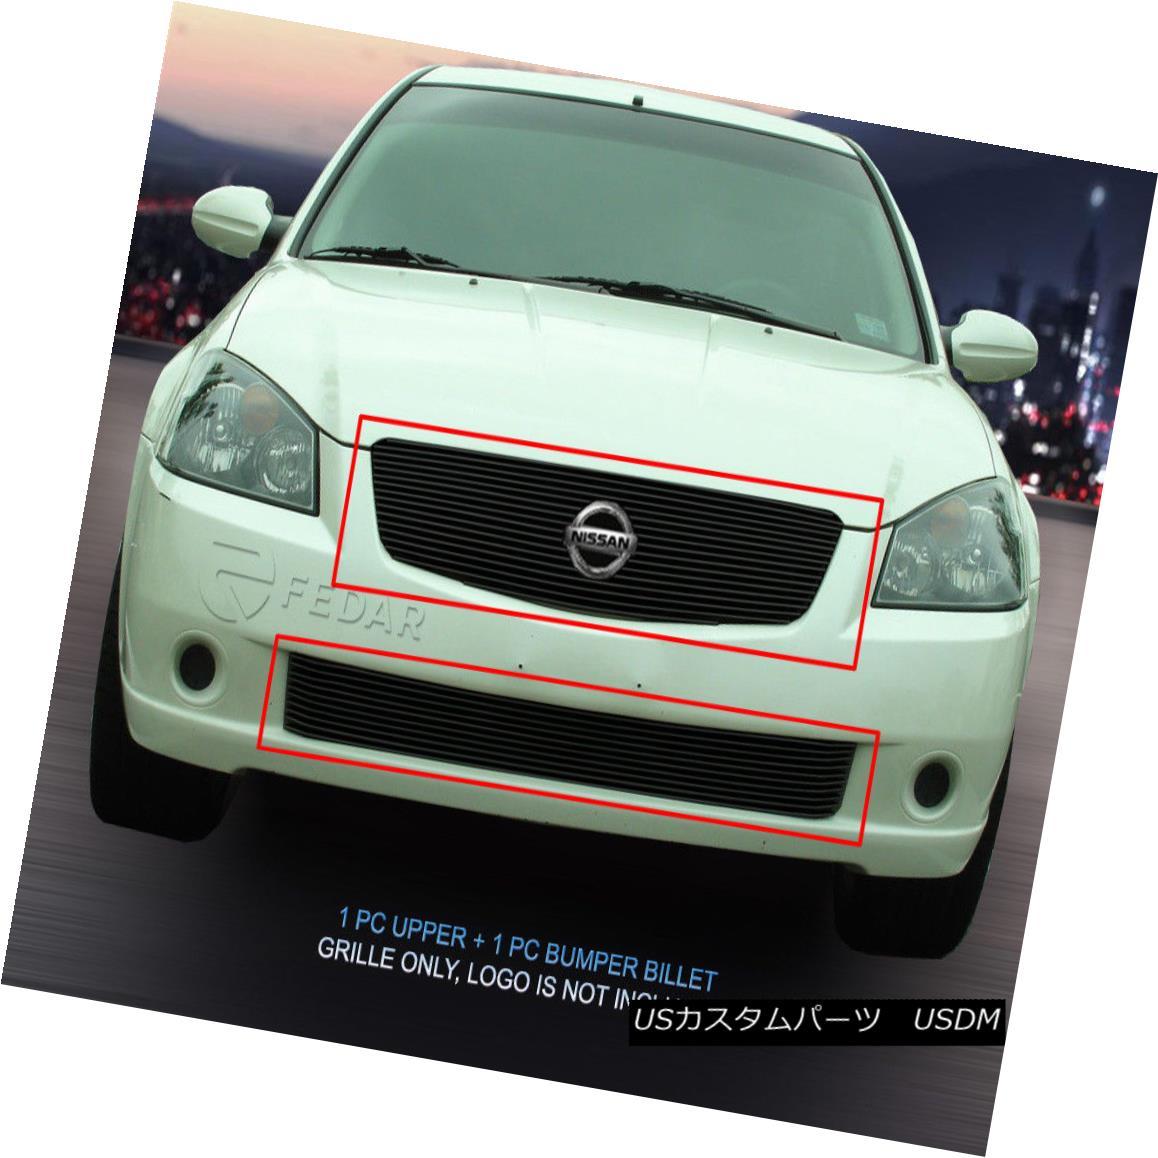 グリル Fedar Fits 2005-2006 Nissan Altima Black Billet Grille Combo Fedarフィット2005-2006日産アルティマブラックビレットグリルコンボ